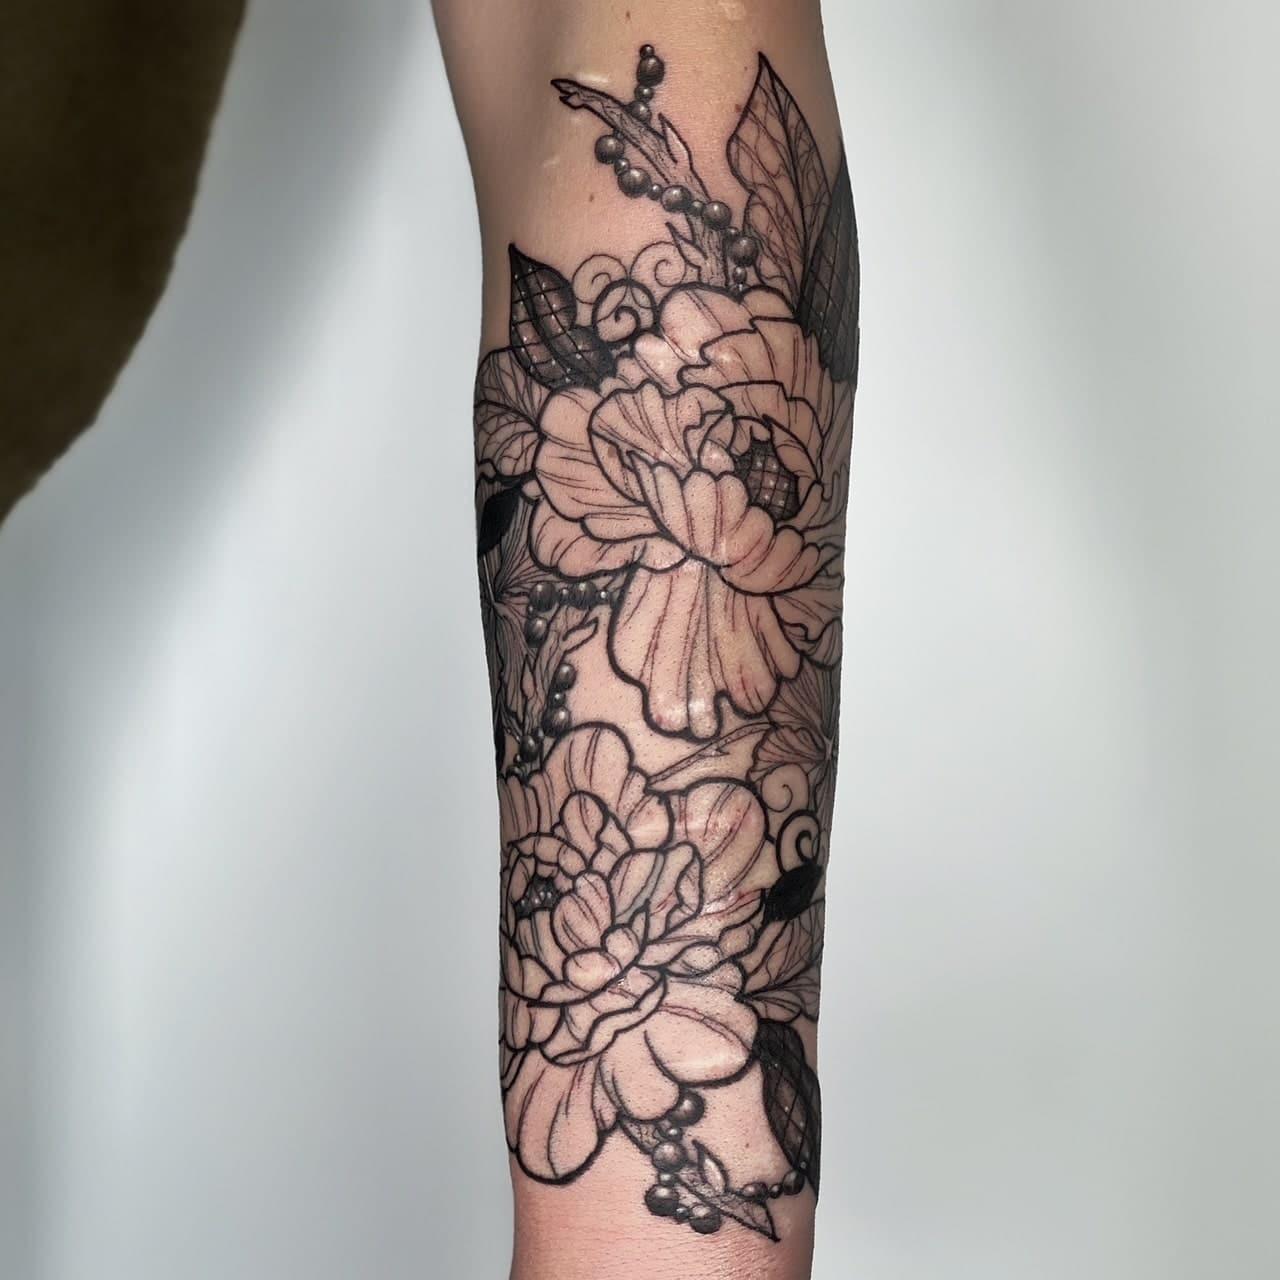 natasha-rachel-tattoo-artist-flowers-arm